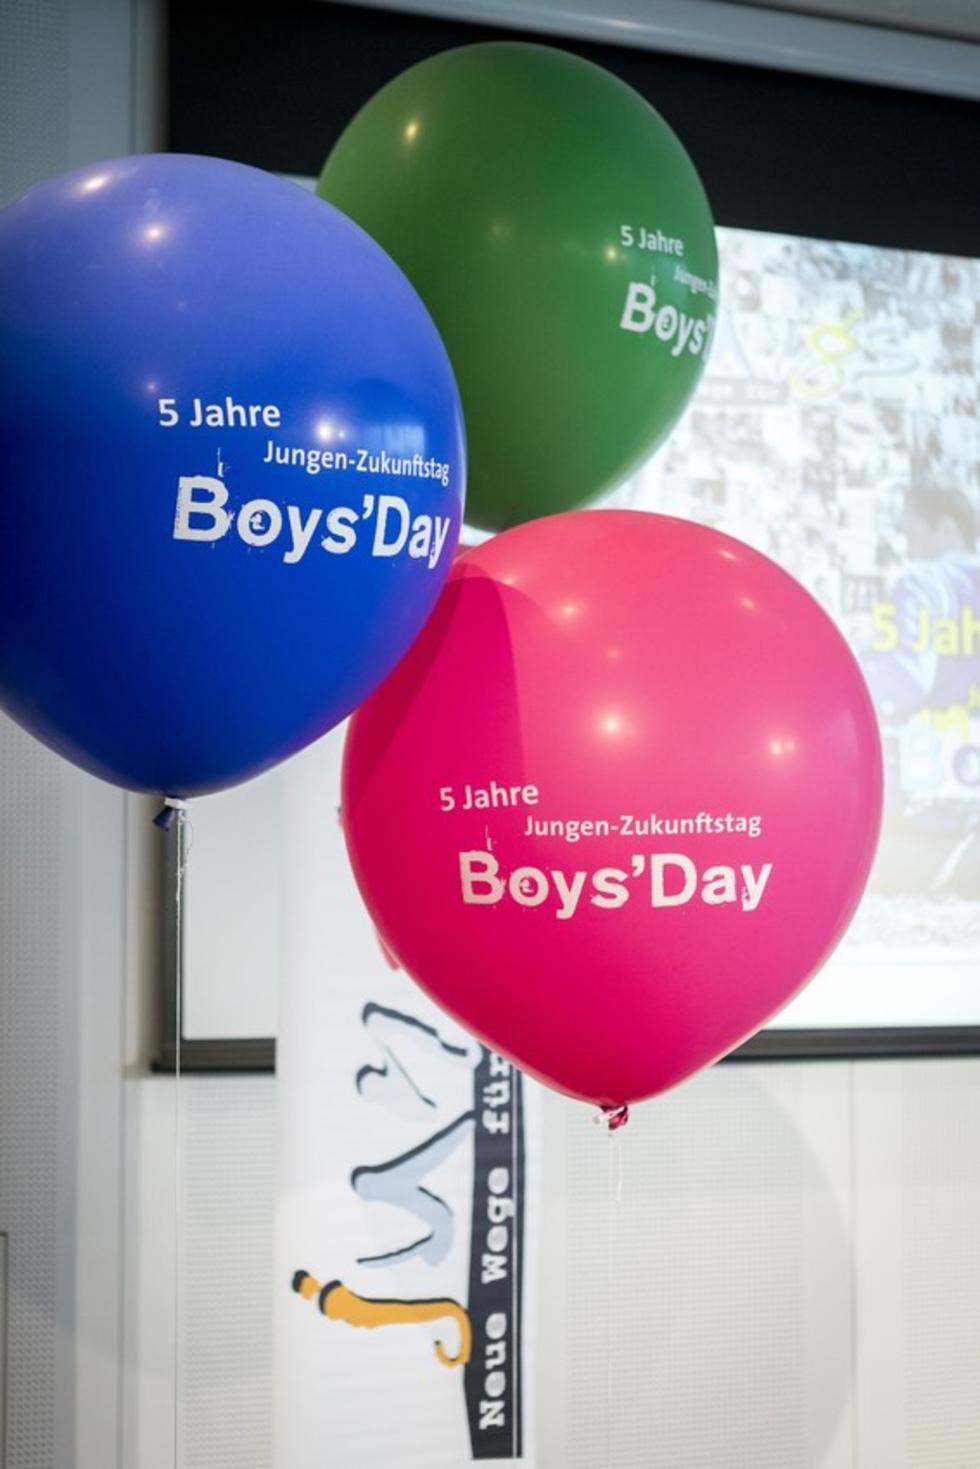 Ballons mit Boys'Day-Aufschrift